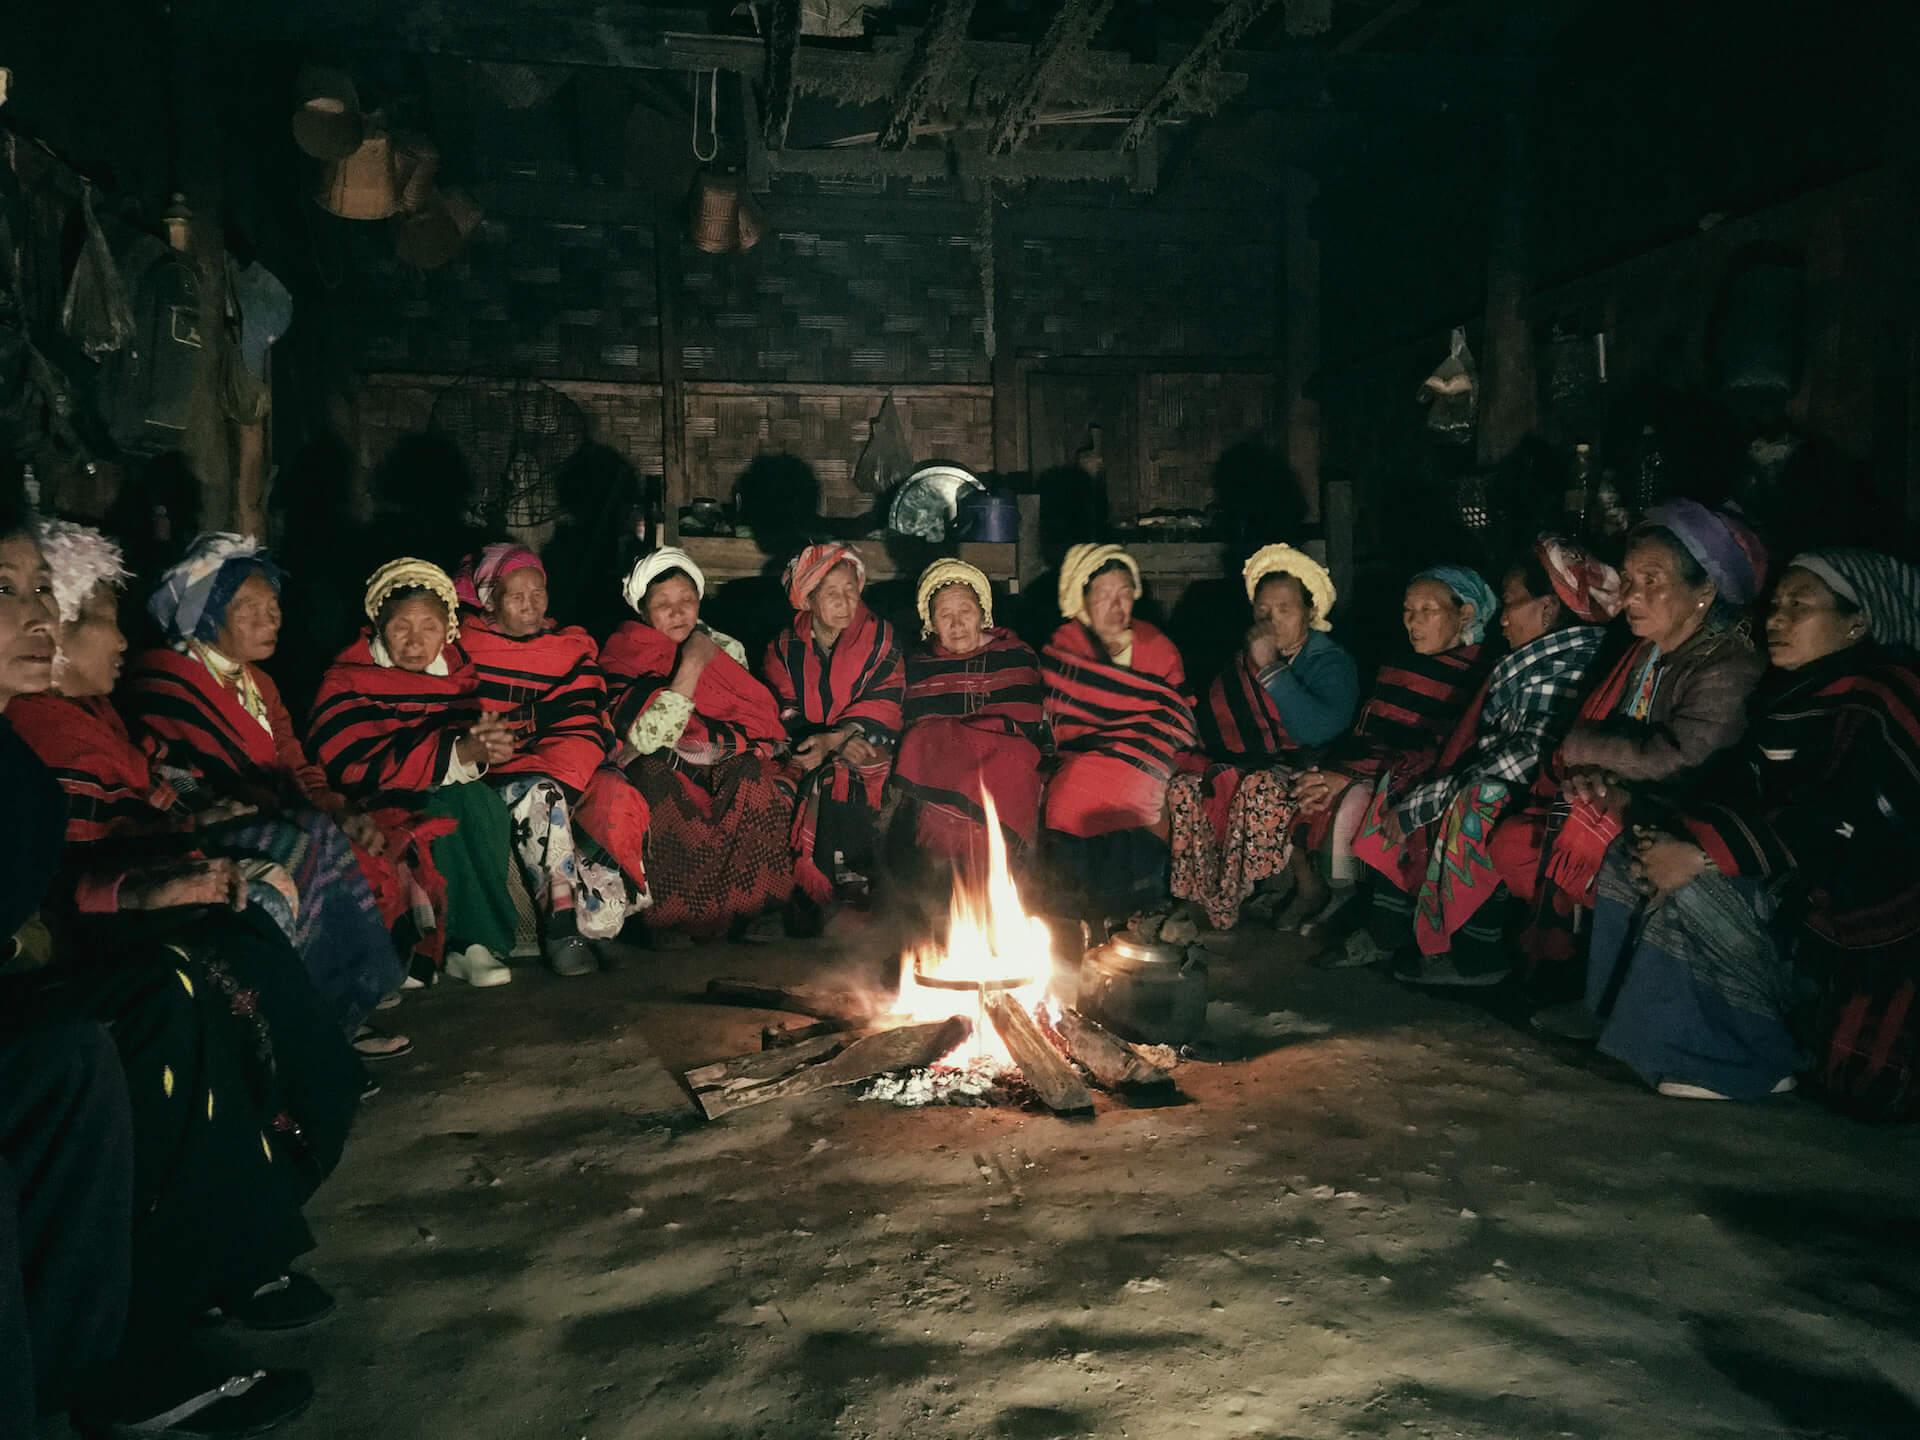 ミャンマーの文化とともに —— コムアイ、オオルタイチ、井口寛が語る音を通じた繋がり interview210917_staywithmyanmar_8